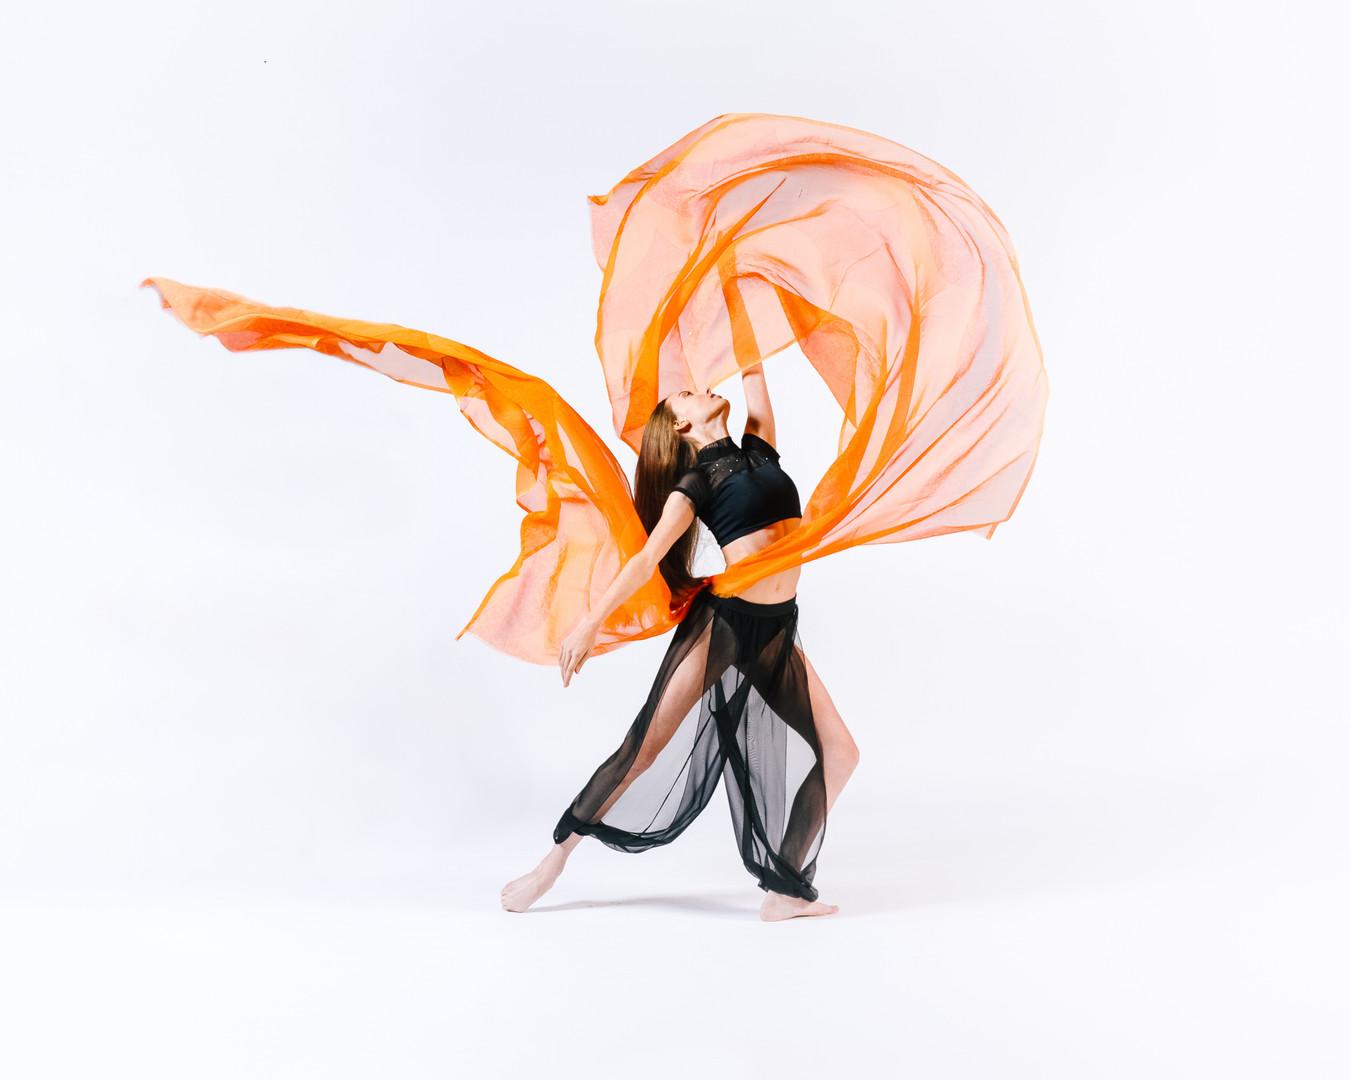 manchester-dance-photographer-8.jpg